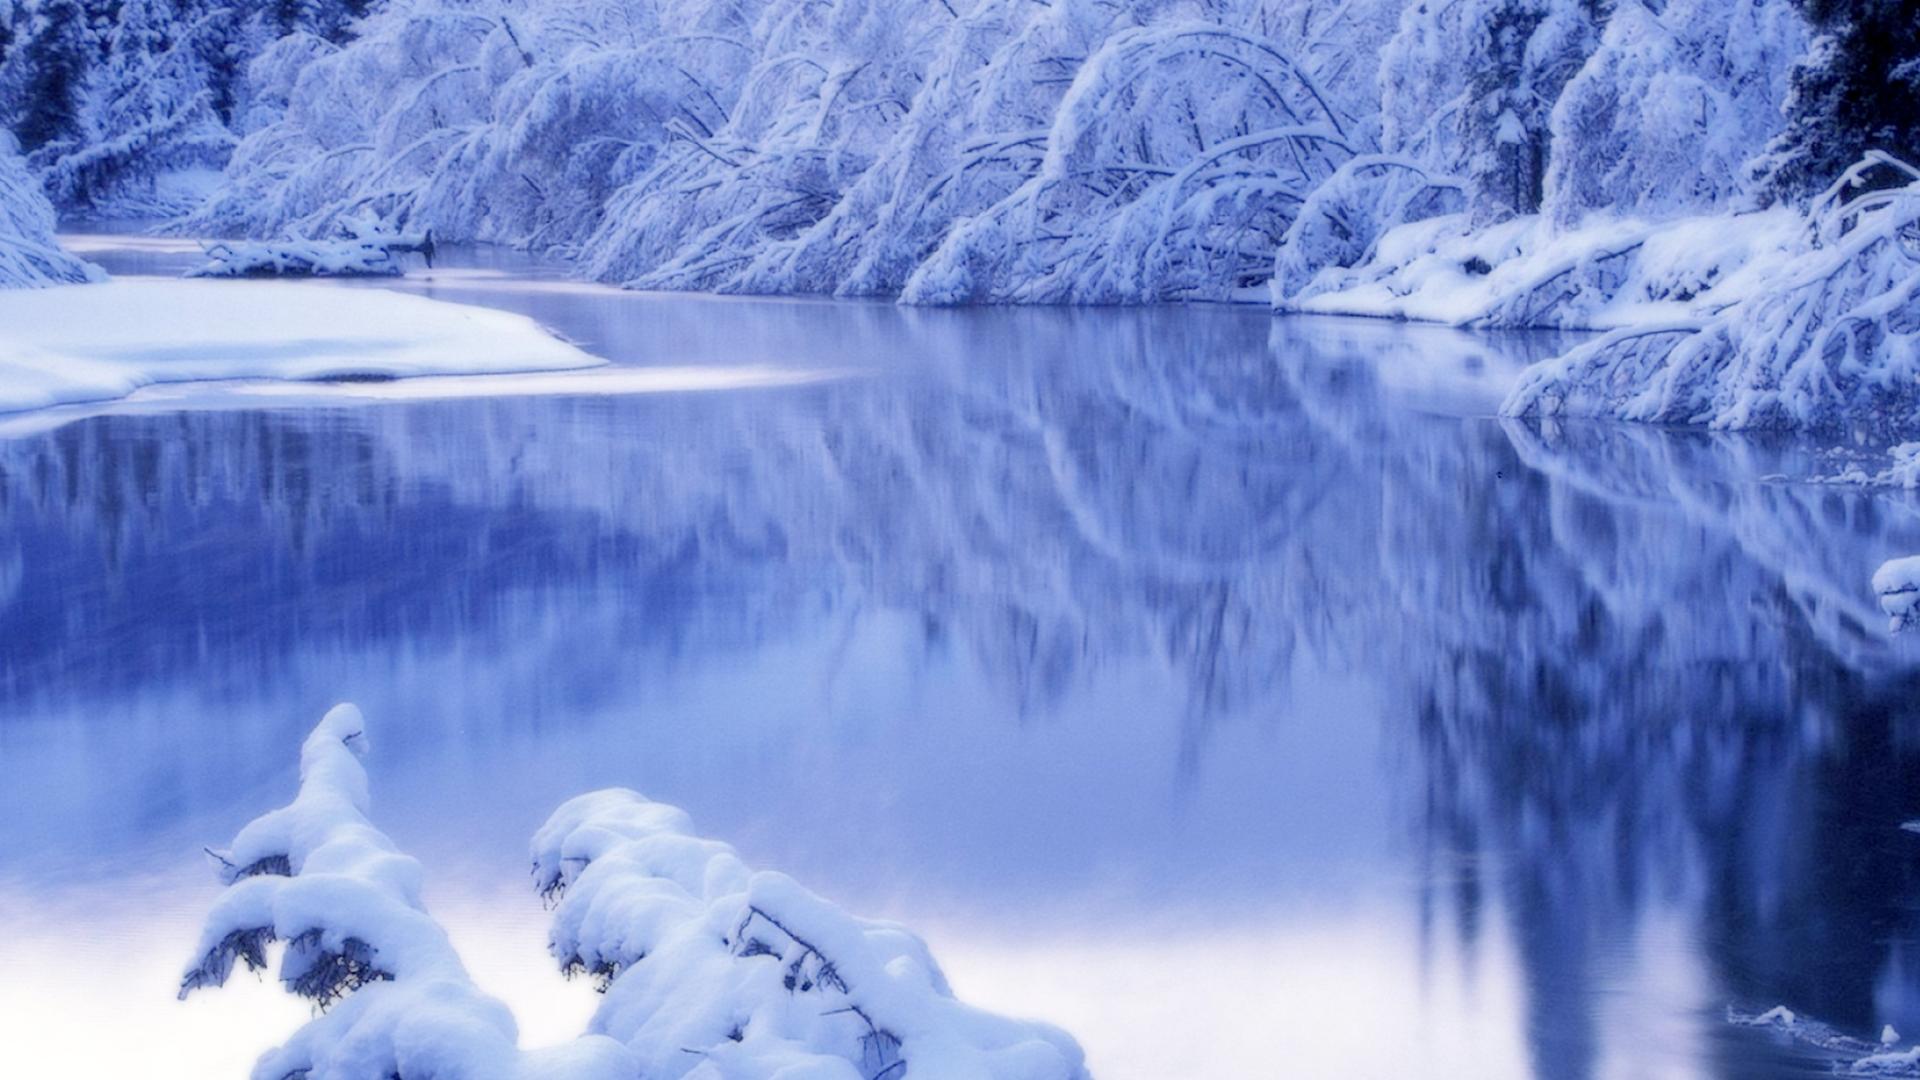 Winter Pictures for Desktop wallpaper Winter Pictures for Desktop hd 1920x1080